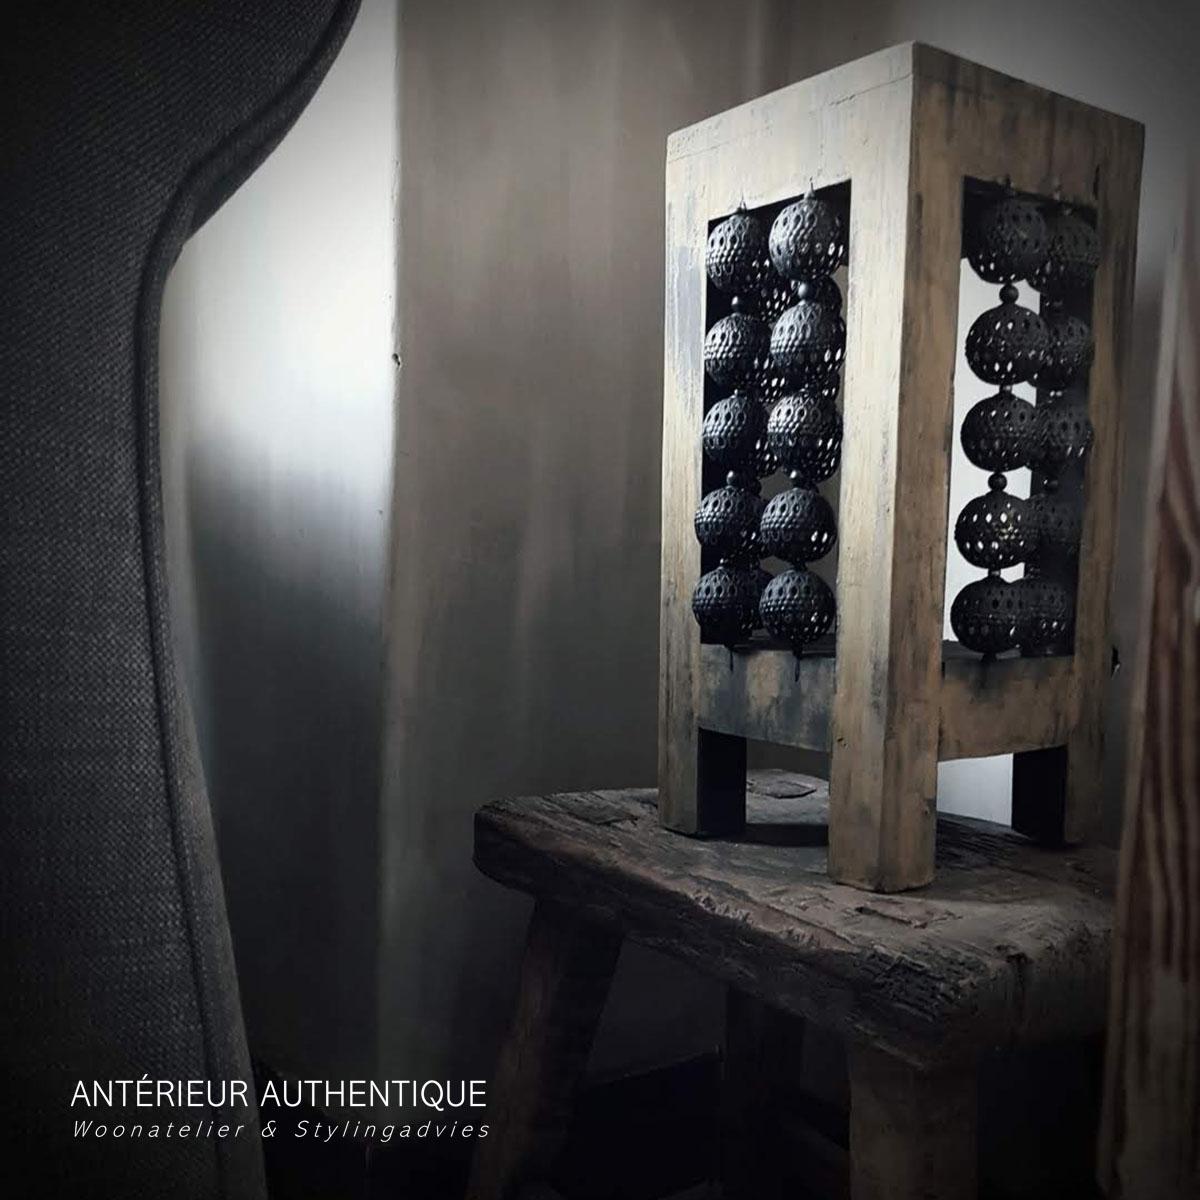 Afbeelding van windlicht oud teak naast boekenkast en zitbank voor gebruik in de webshop van Antérieur Authentique